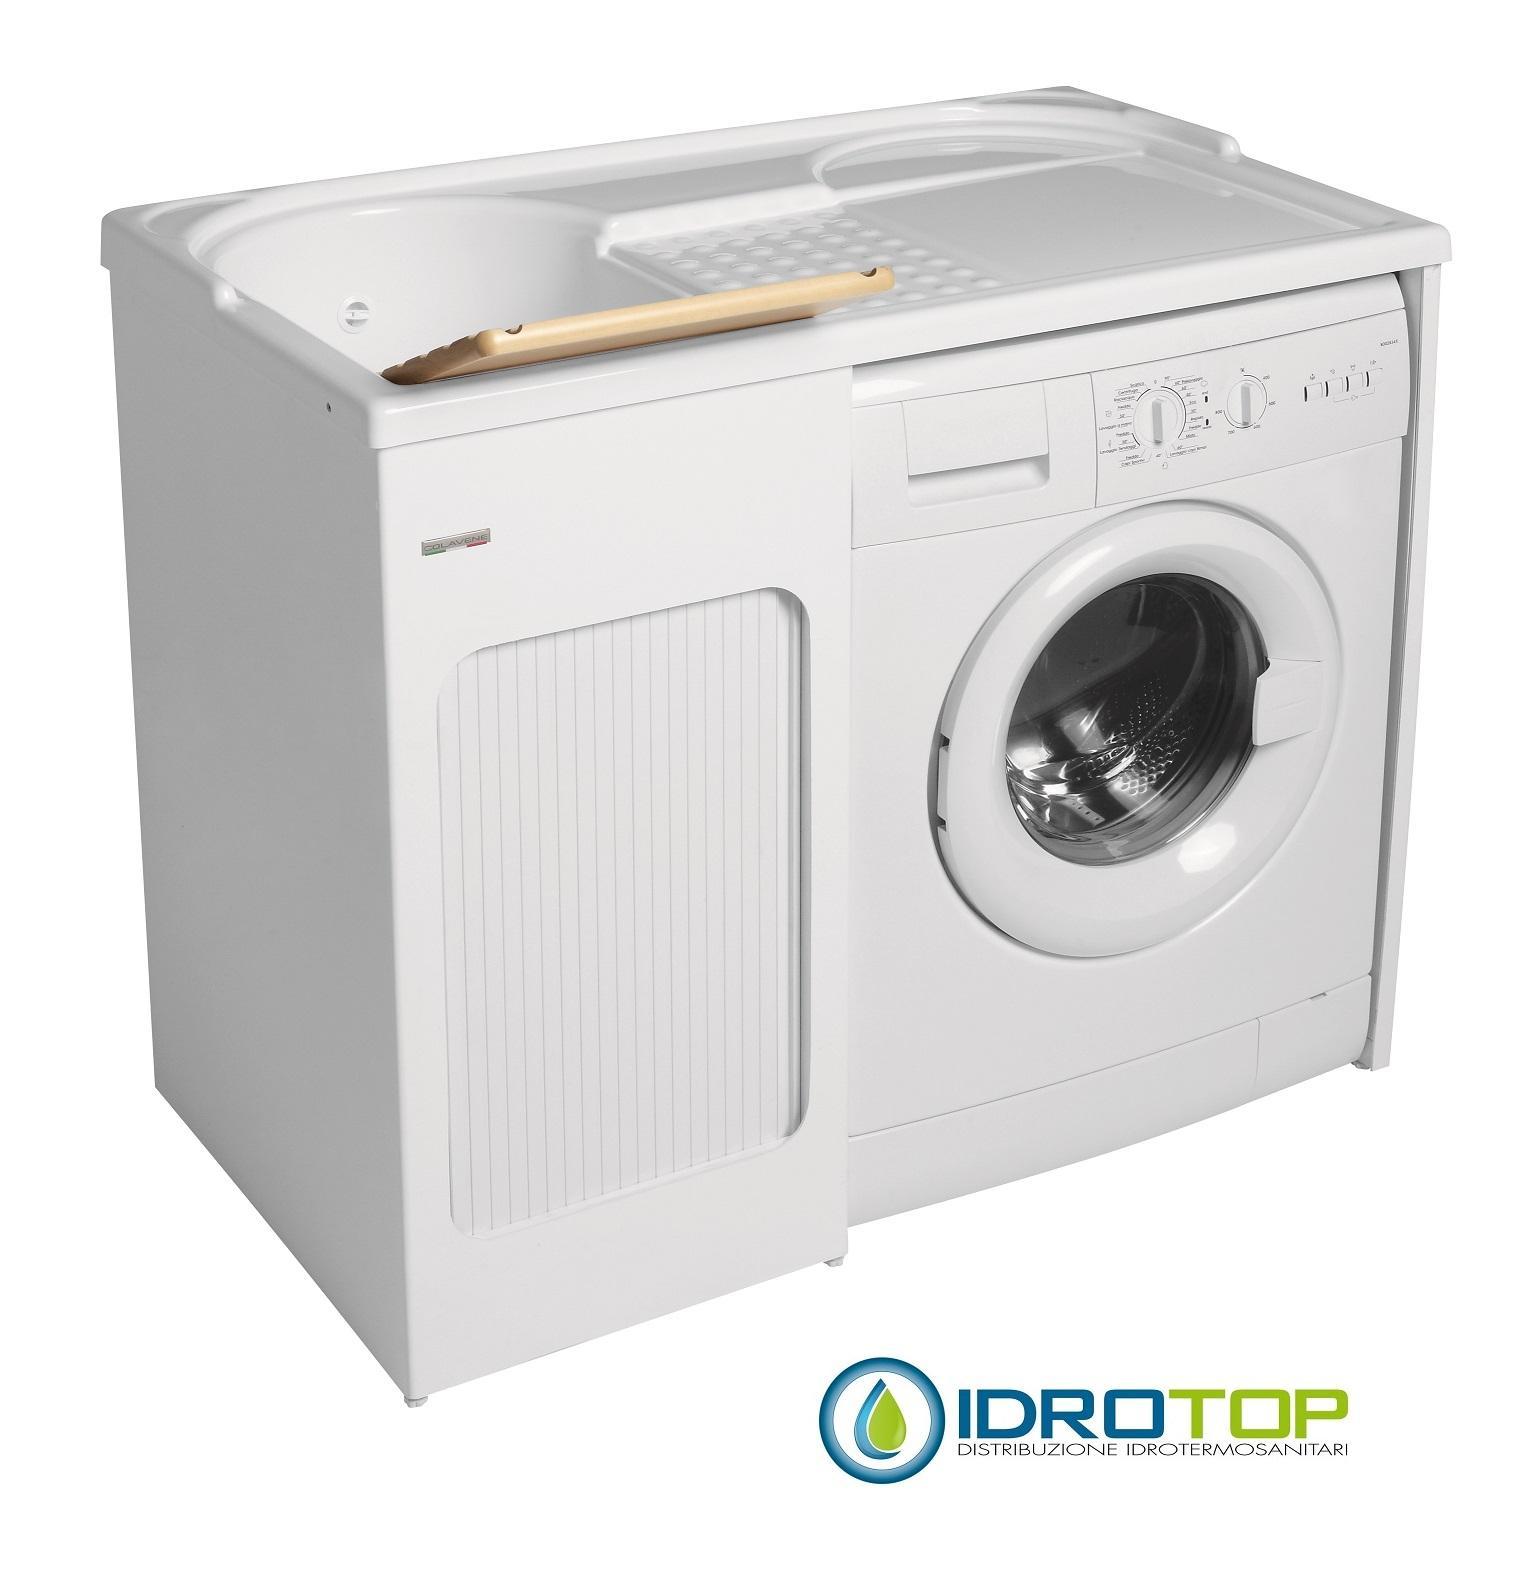 Lavatoio ceramica ikea - Mobile per lavatrice ikea ...